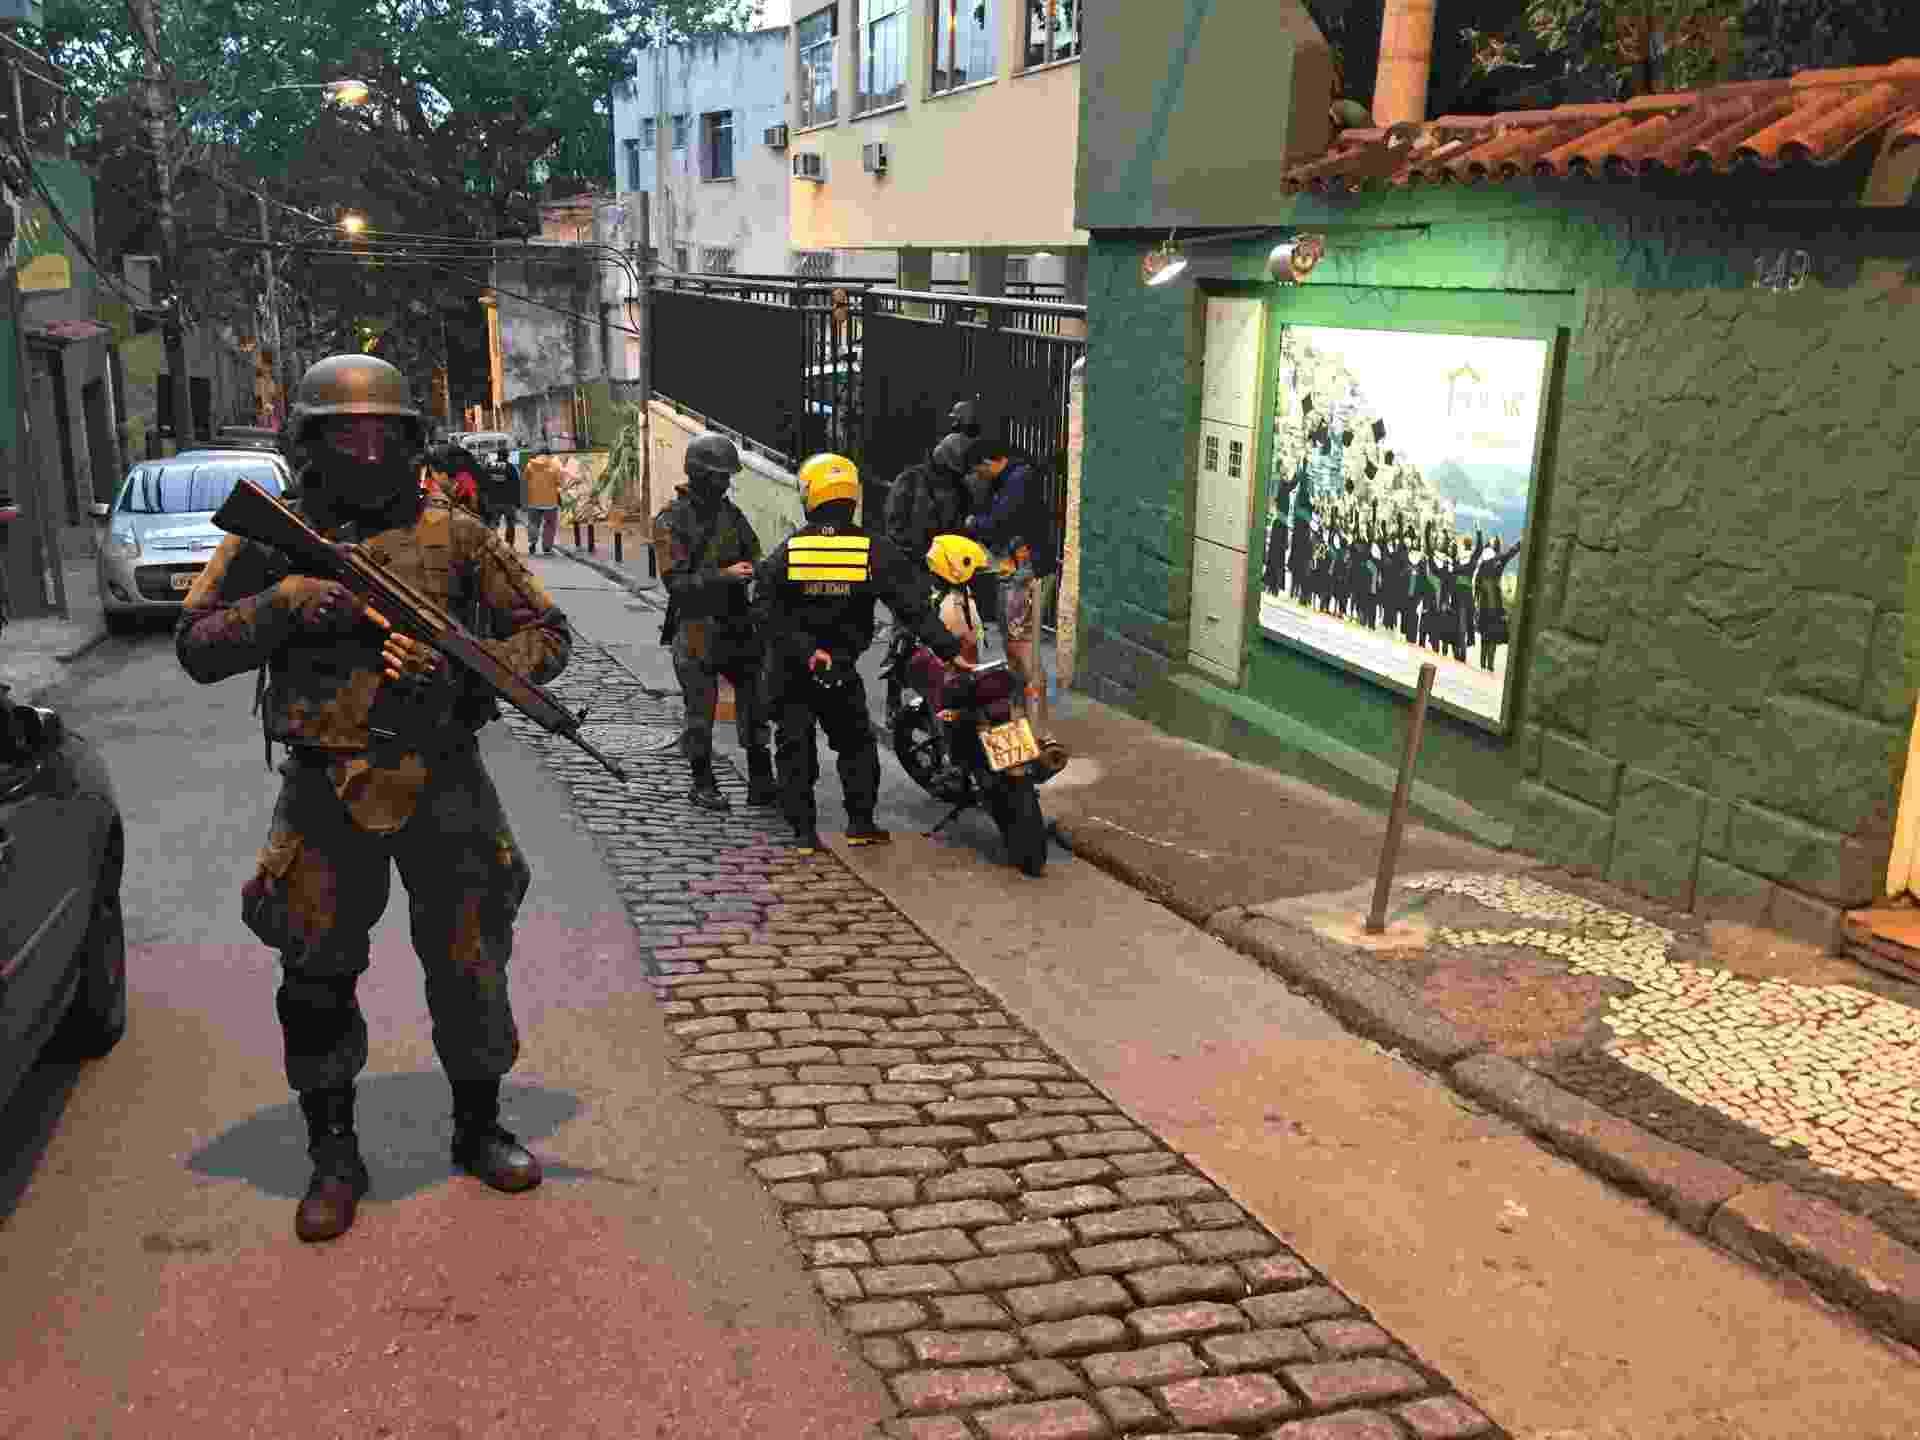 Tropas especializadas em ações em montanha ocupam a favela Pavão-Pavãozinho e Cantagalo - Luis Kawaguti / UOL